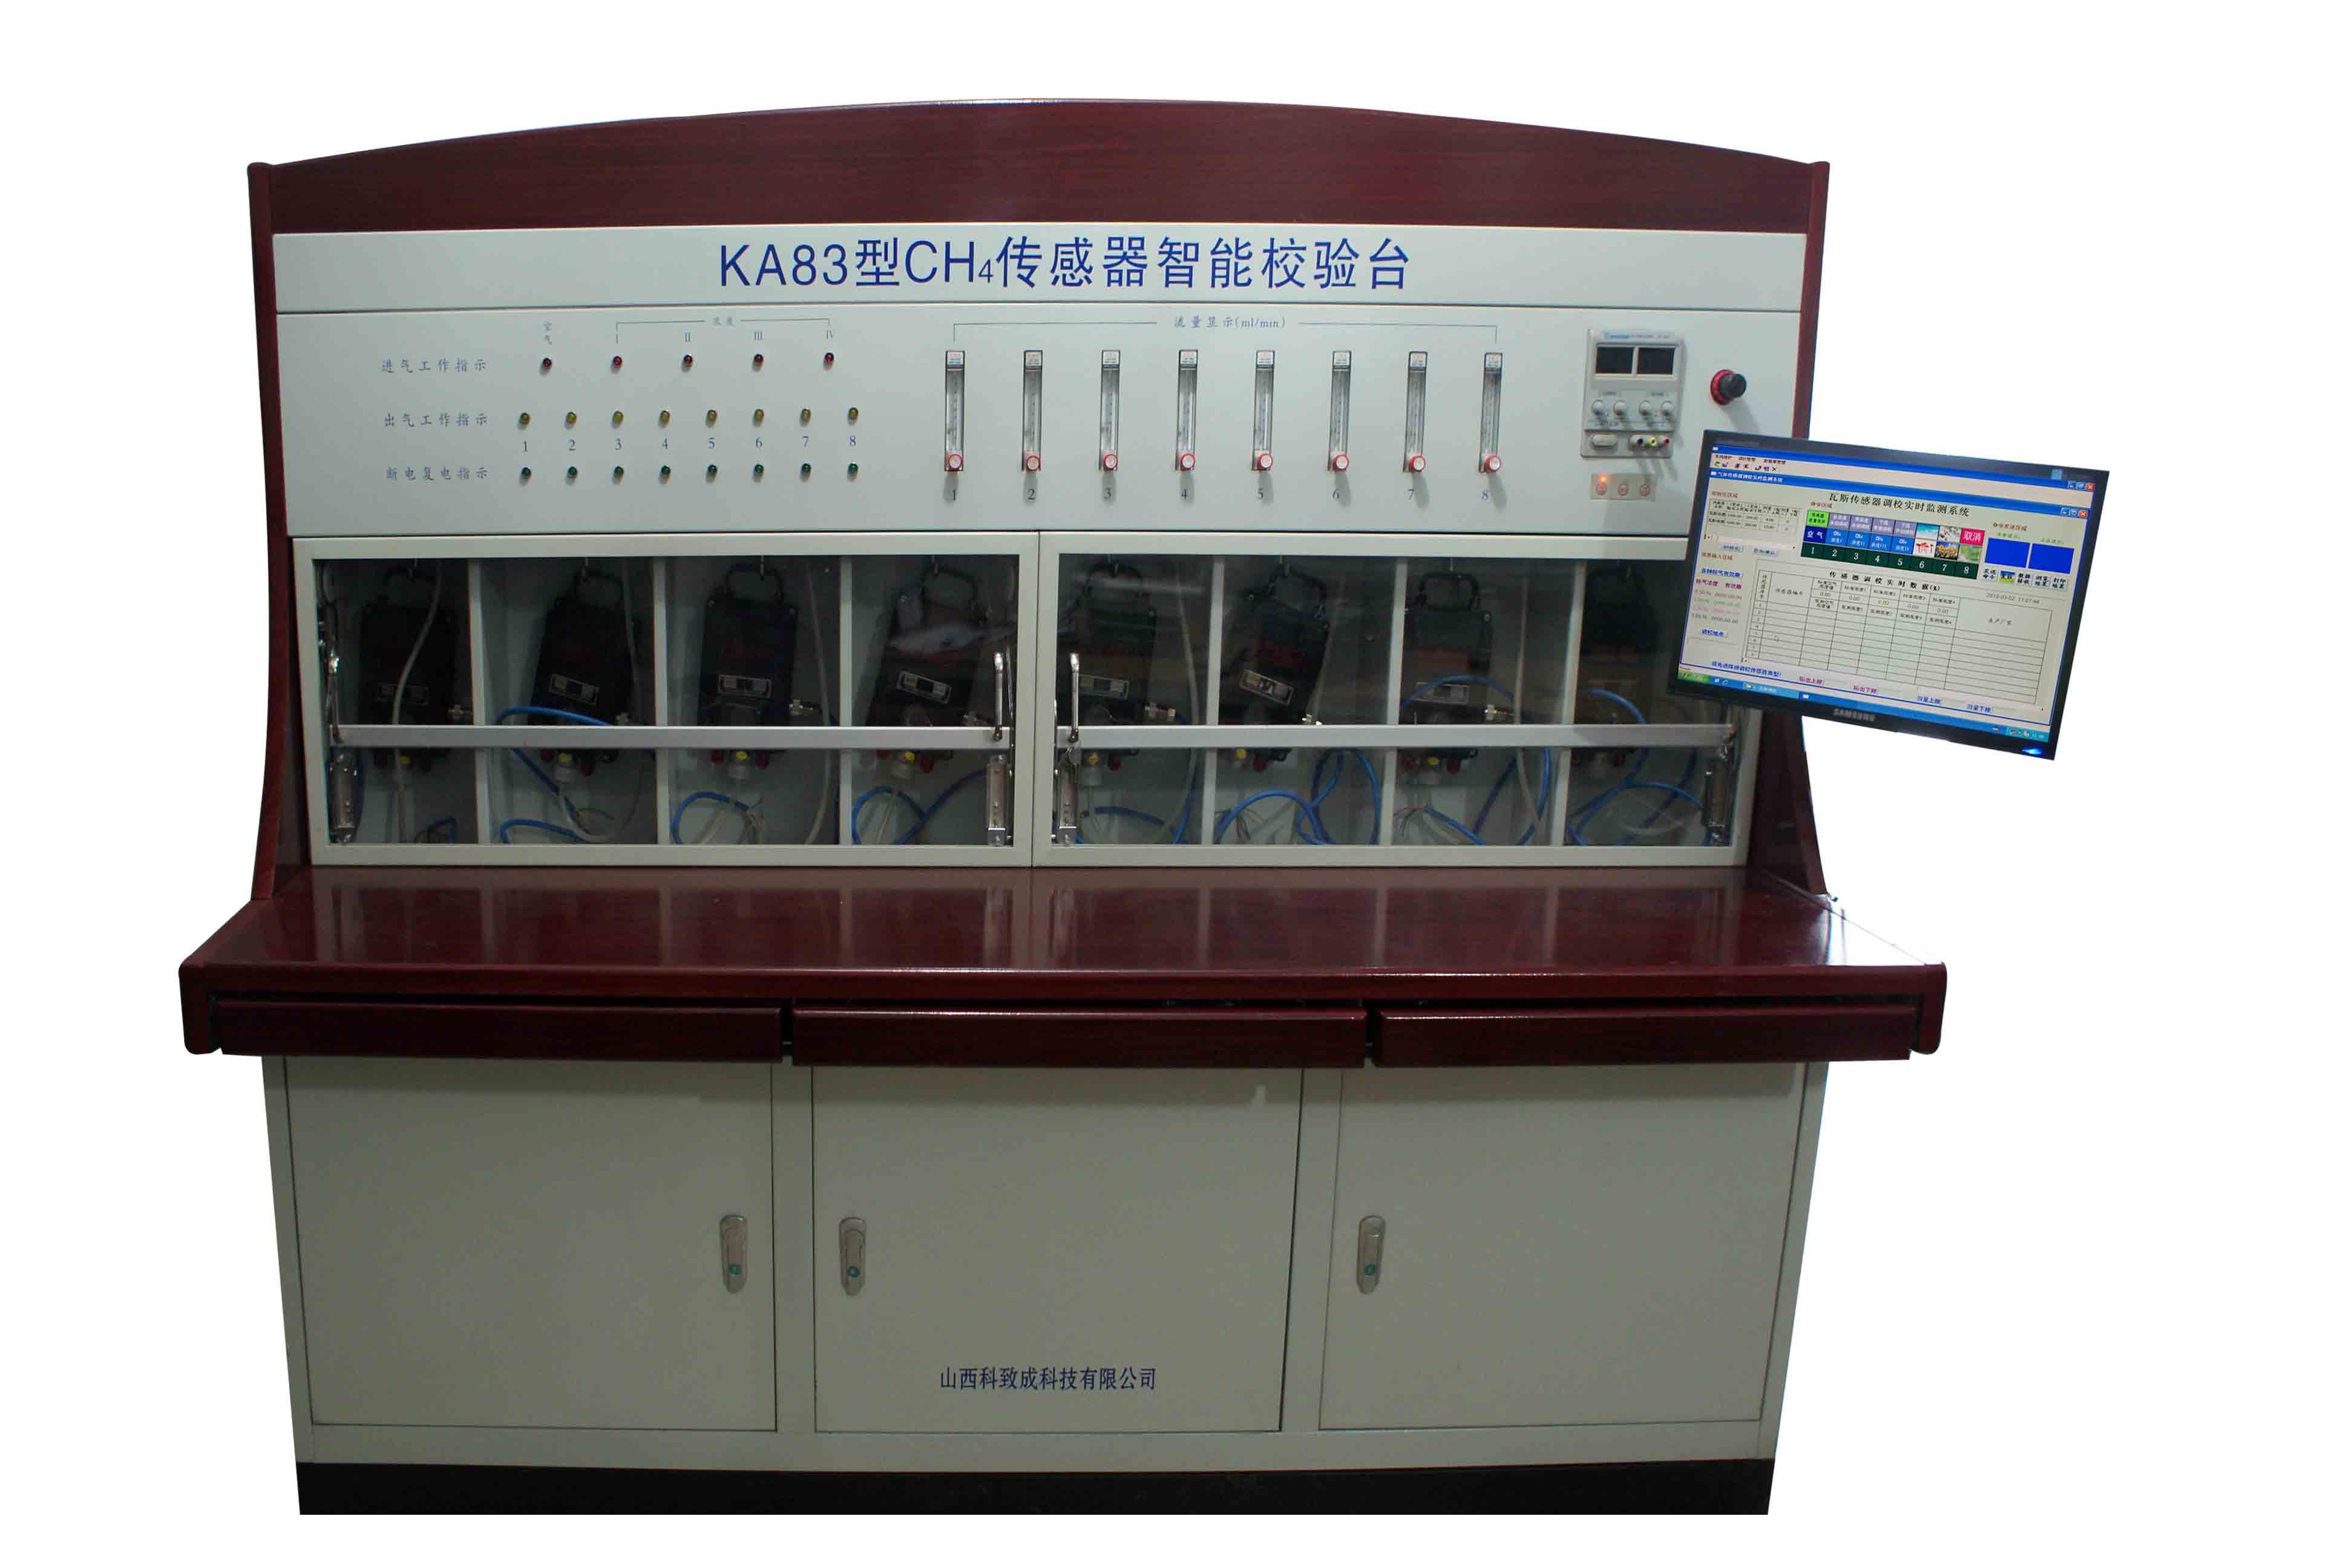 KA83型甲烷传感器智能校准装置